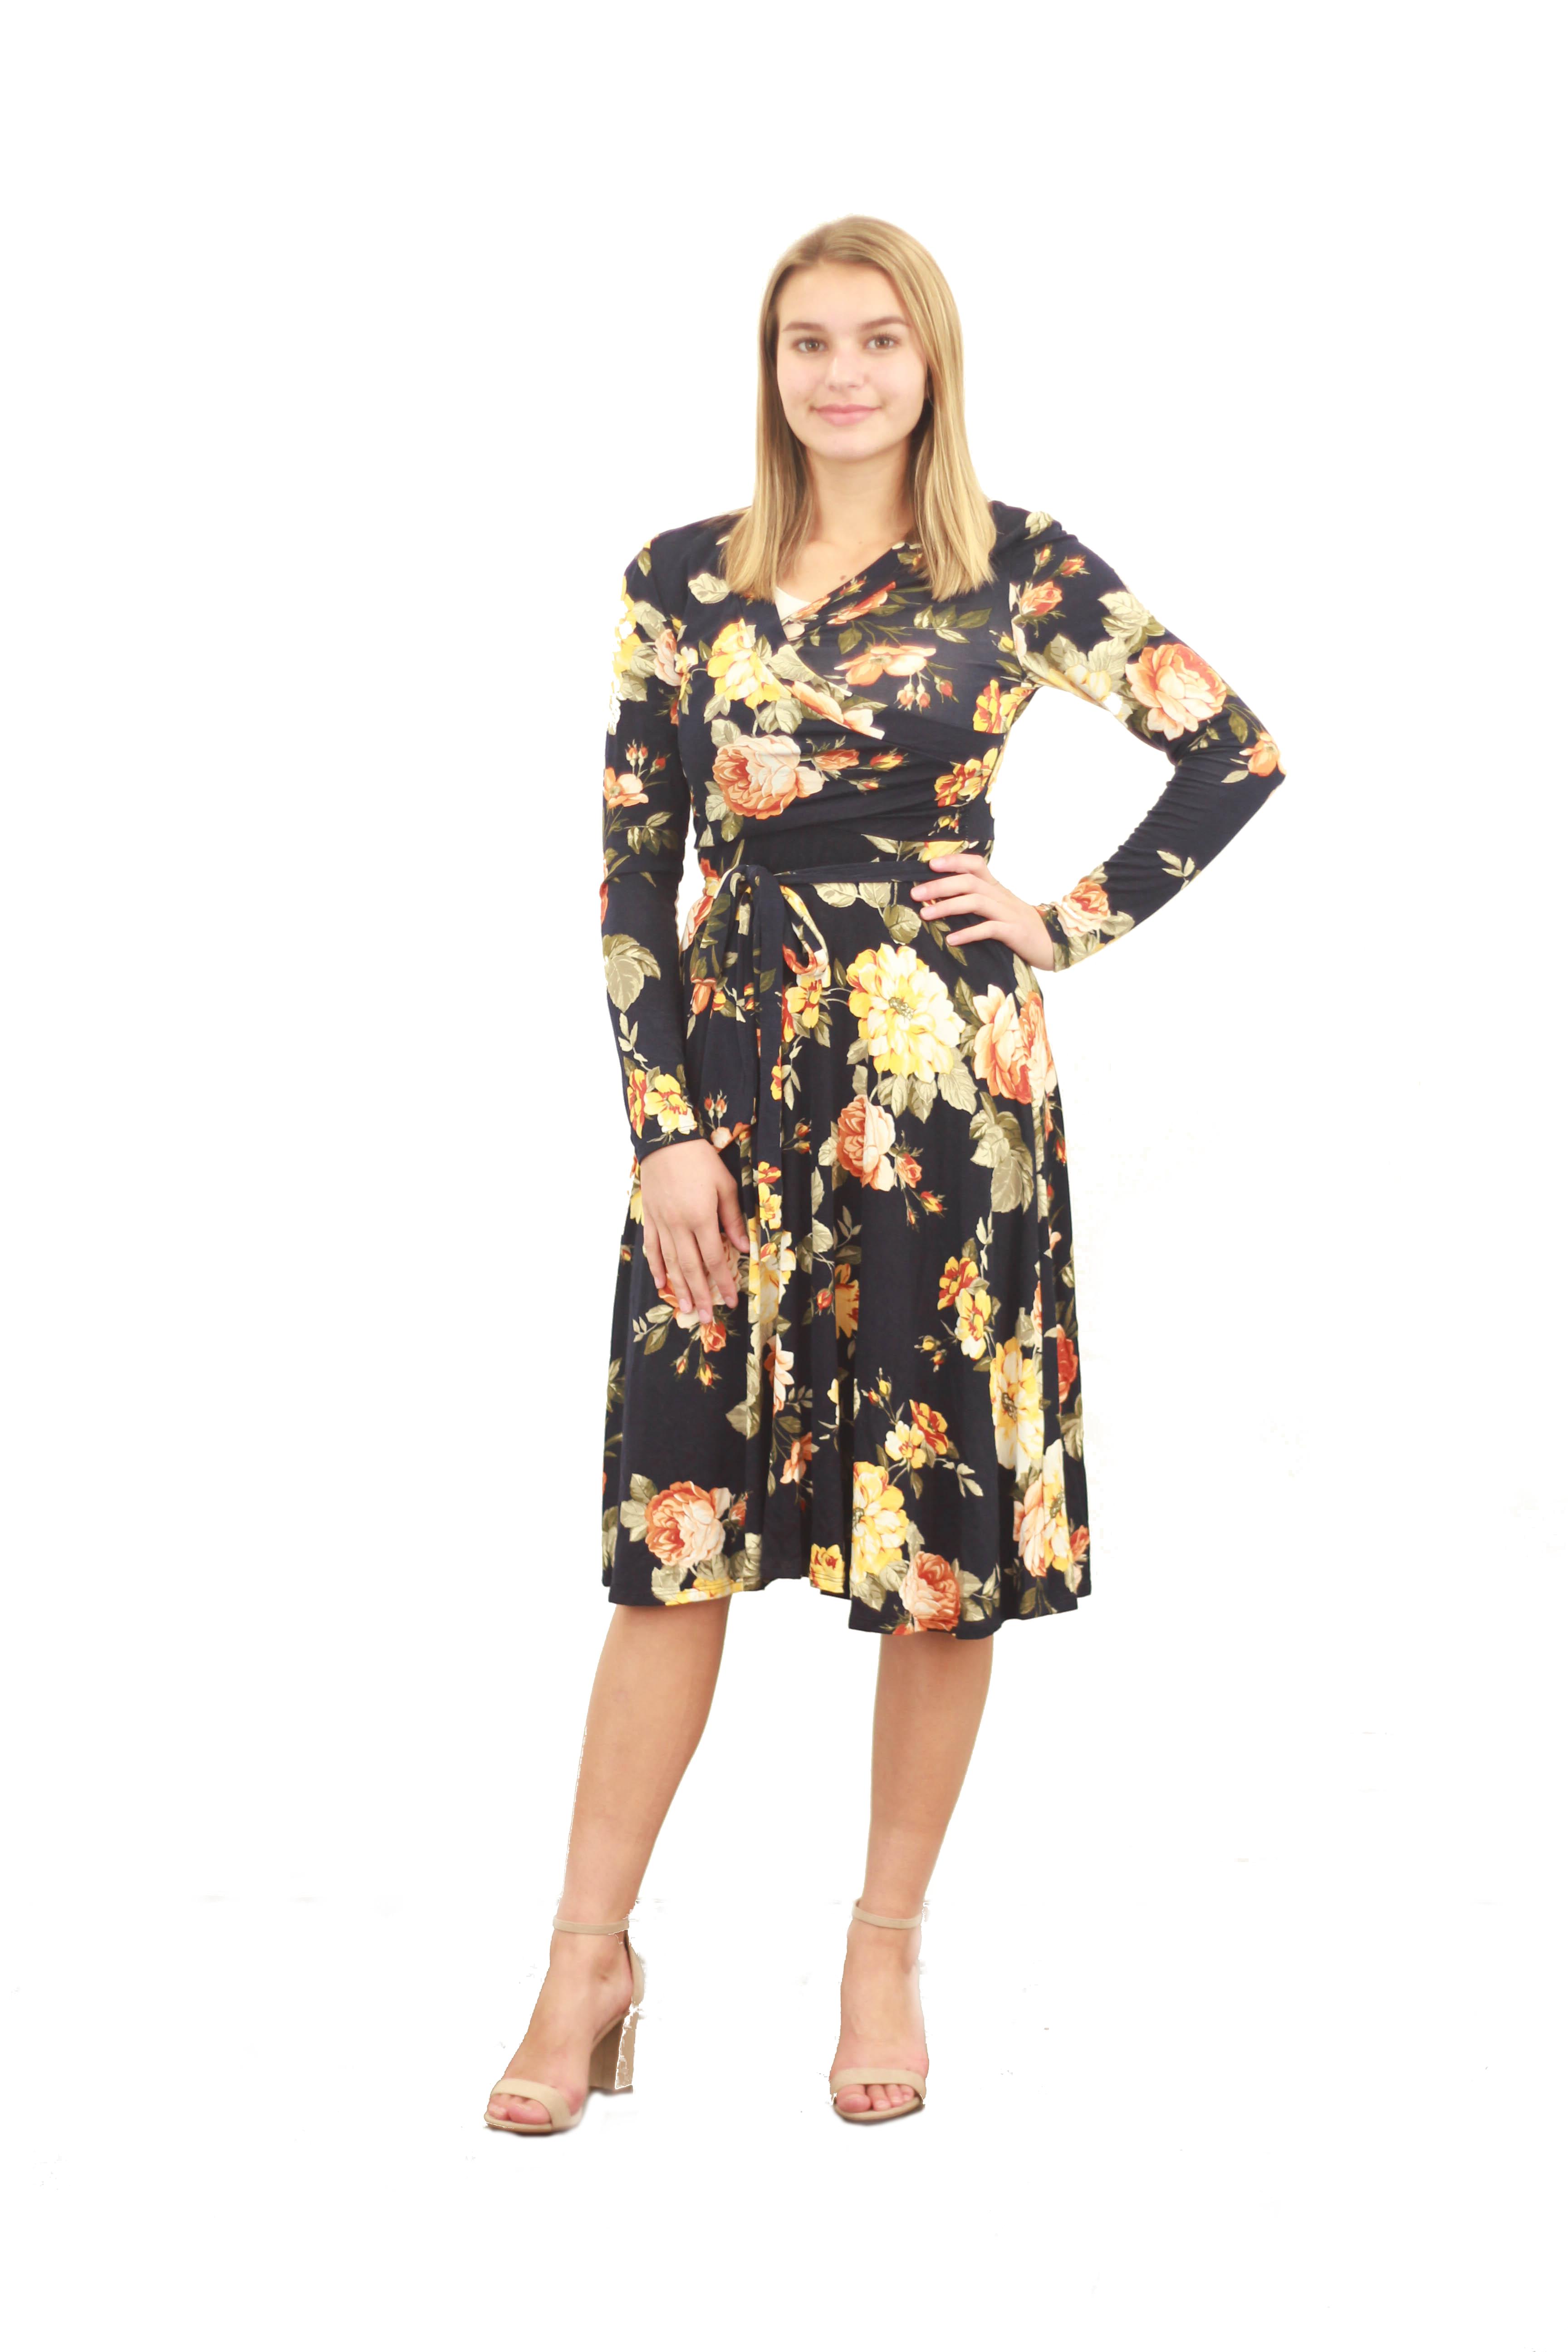 838426de89 Janae Floral Dress | ModLi